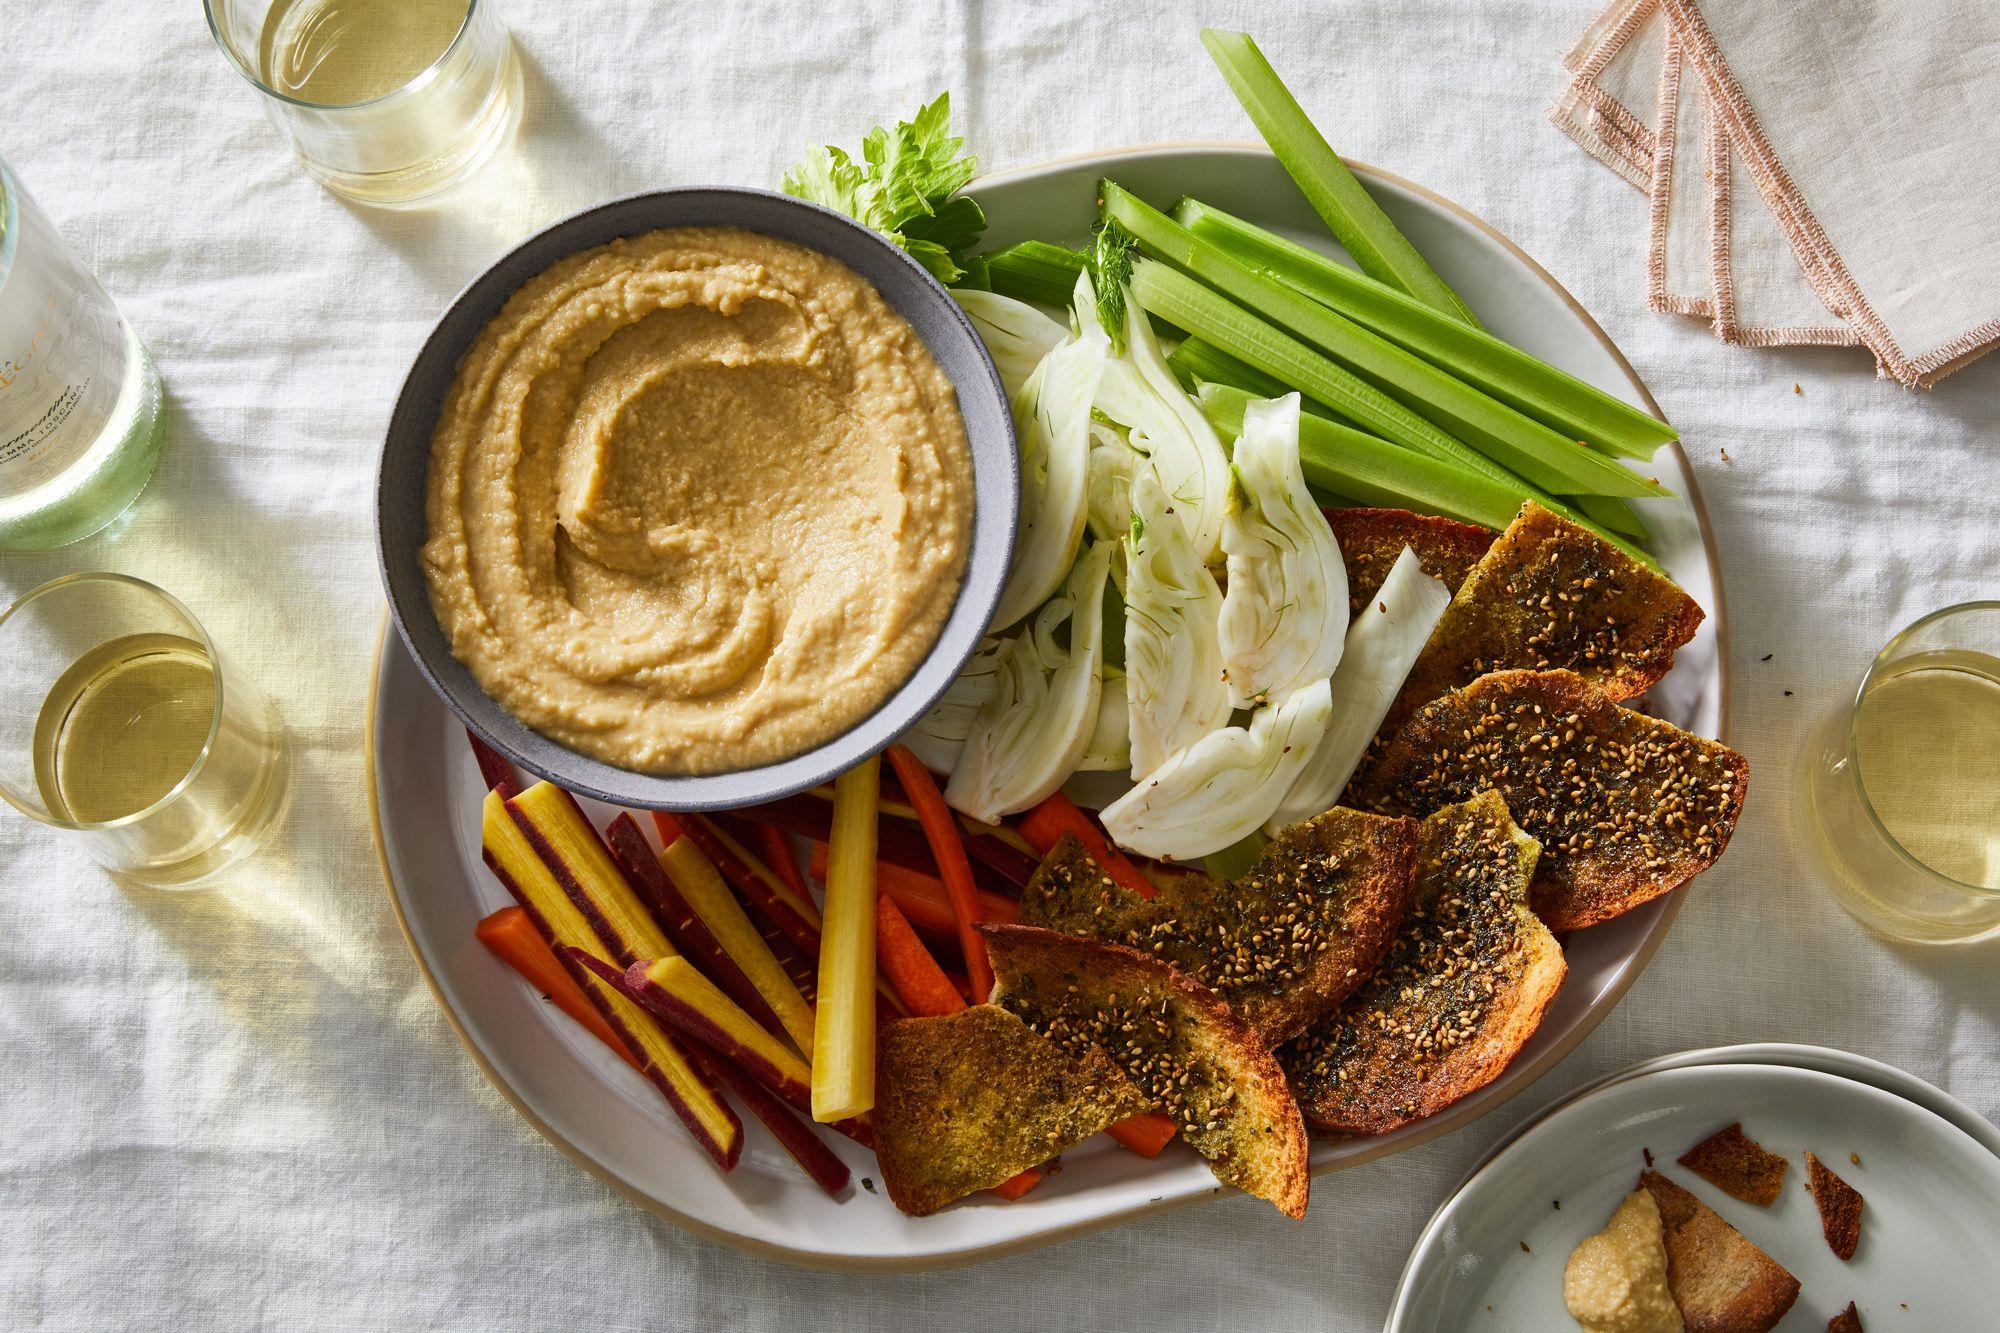 Garlic Butter Hummus